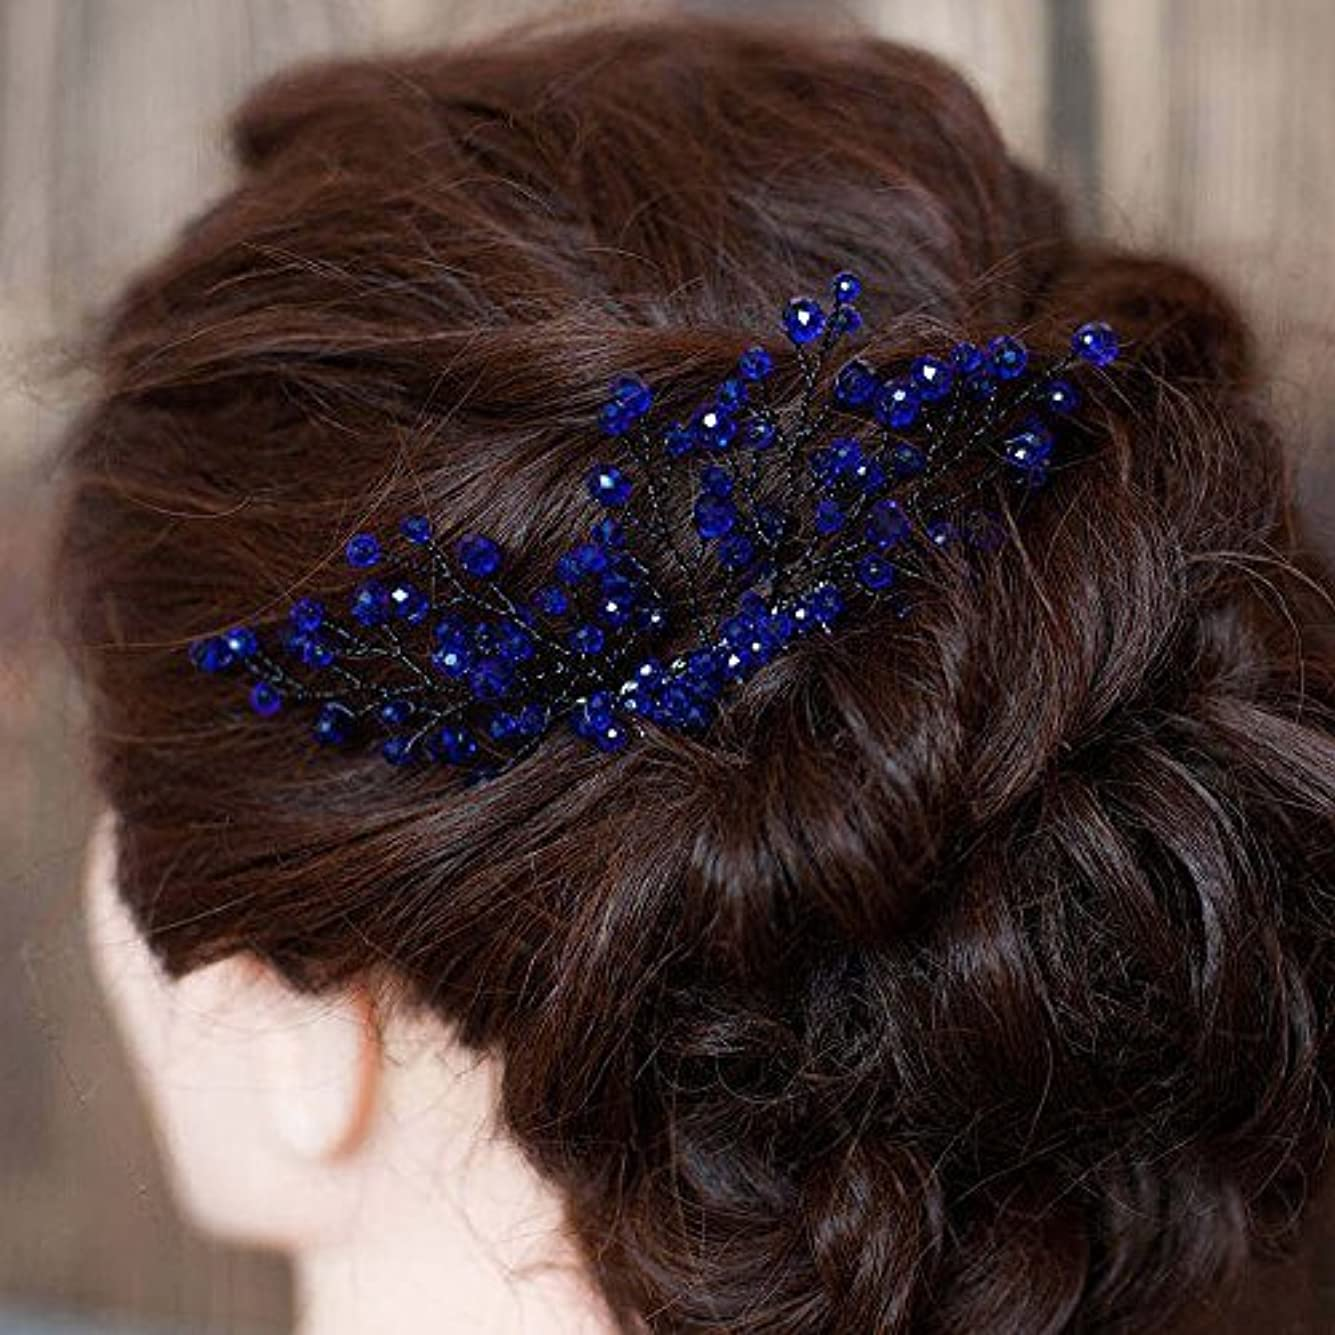 現実には承認する突破口FXmimior Bridal Women Navy Blue Vintage Crystal Rhinestone Vintage Hair Comb Wedding Party Hair Accessories [並行輸入品]